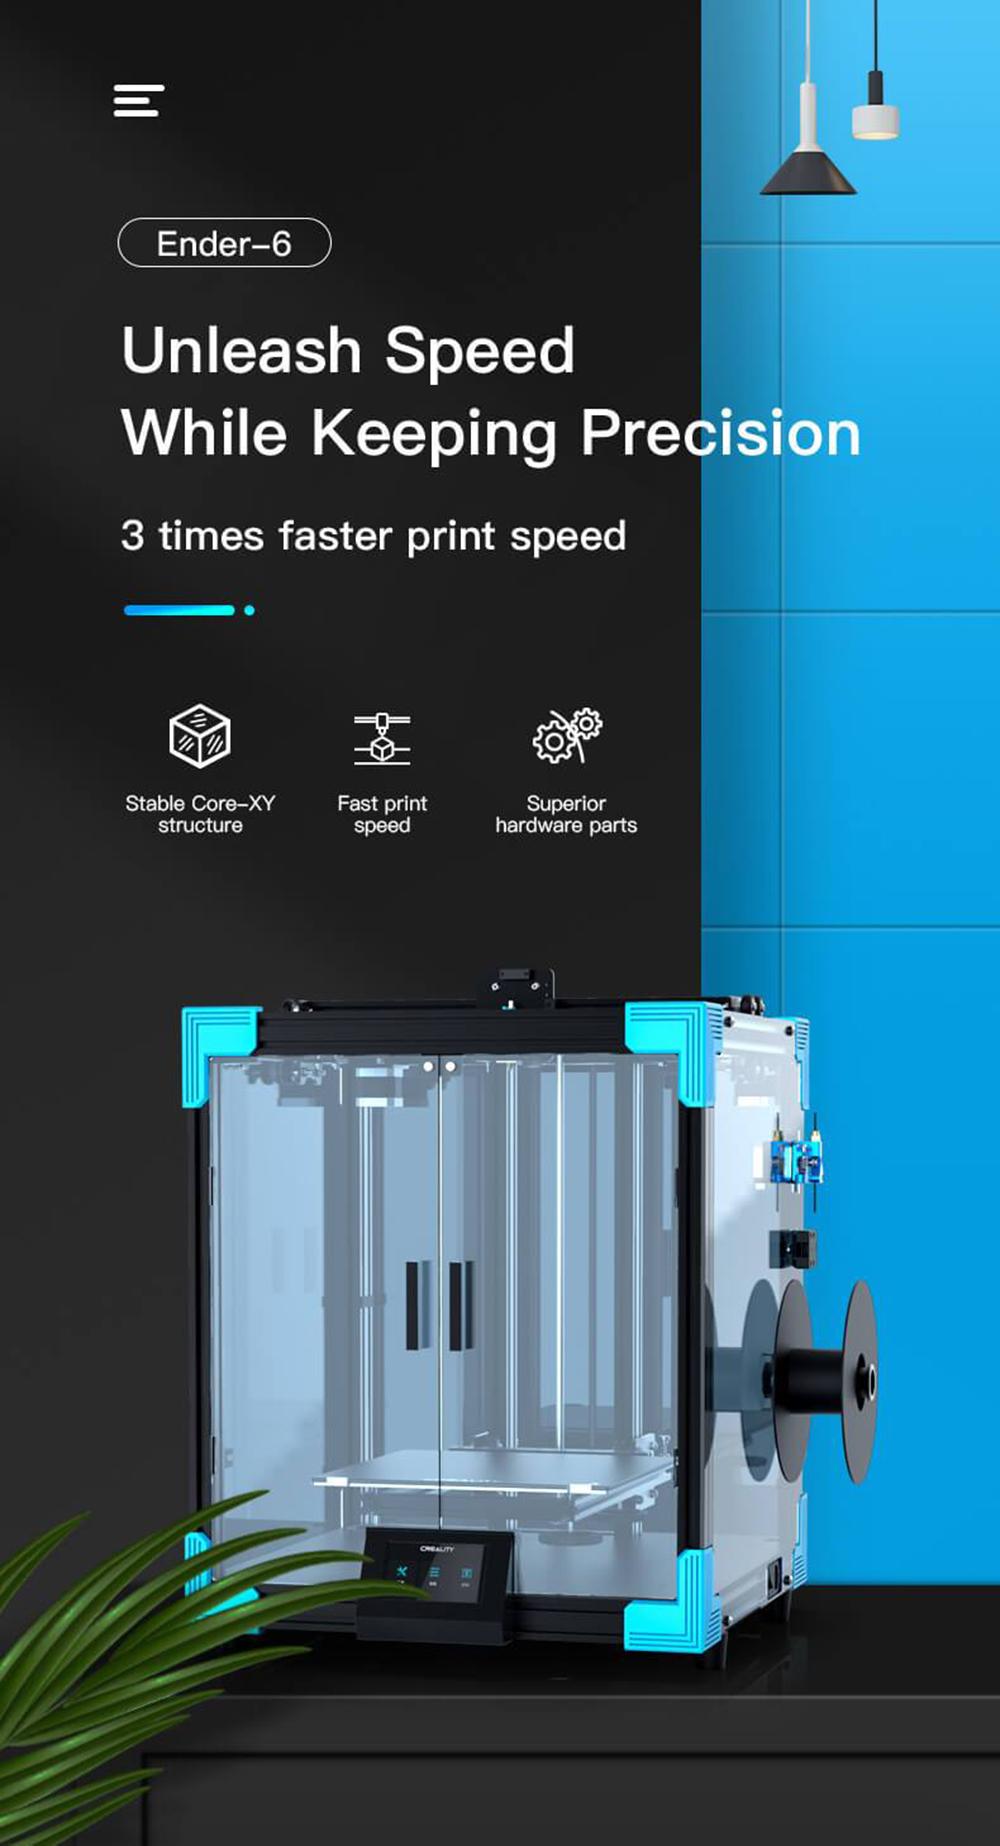 Creality3D Ender 6 3D-Drucker Bausatz - 250x250x400mm - Ender 6 Produktvorstellung - 3 mal schneller drucken